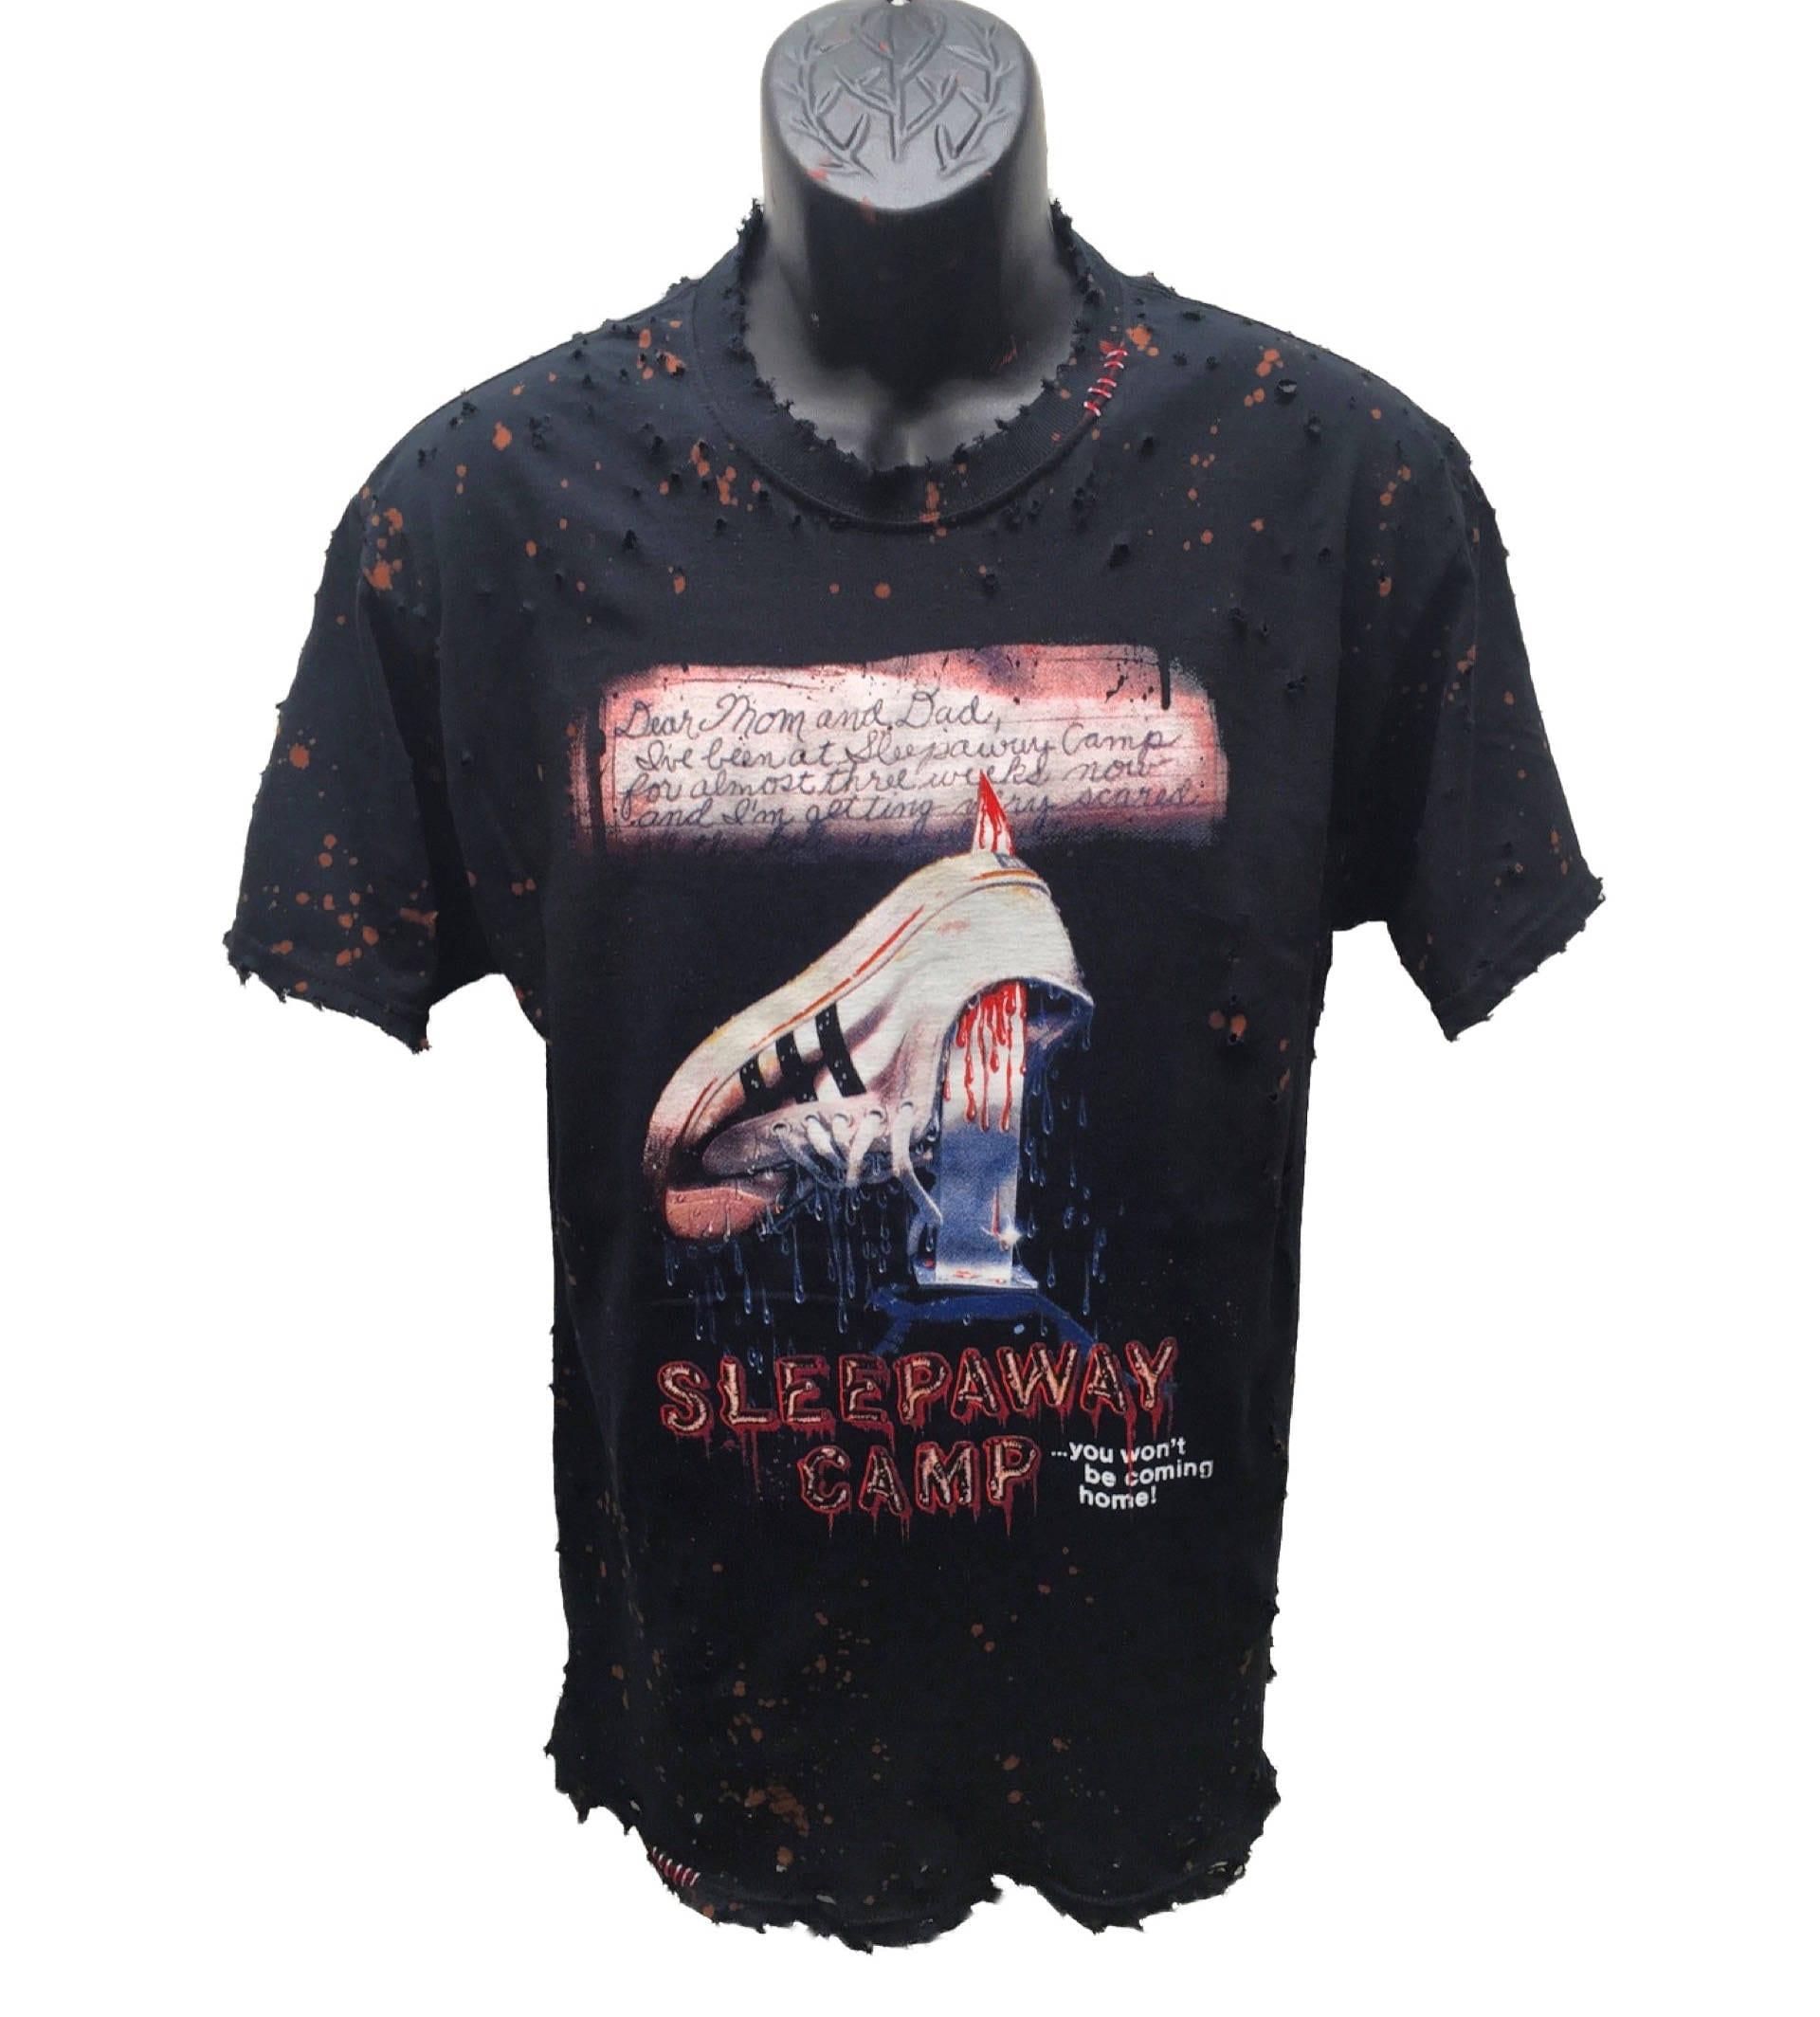 acb0adf7110 Sleepaway Camp t shirt